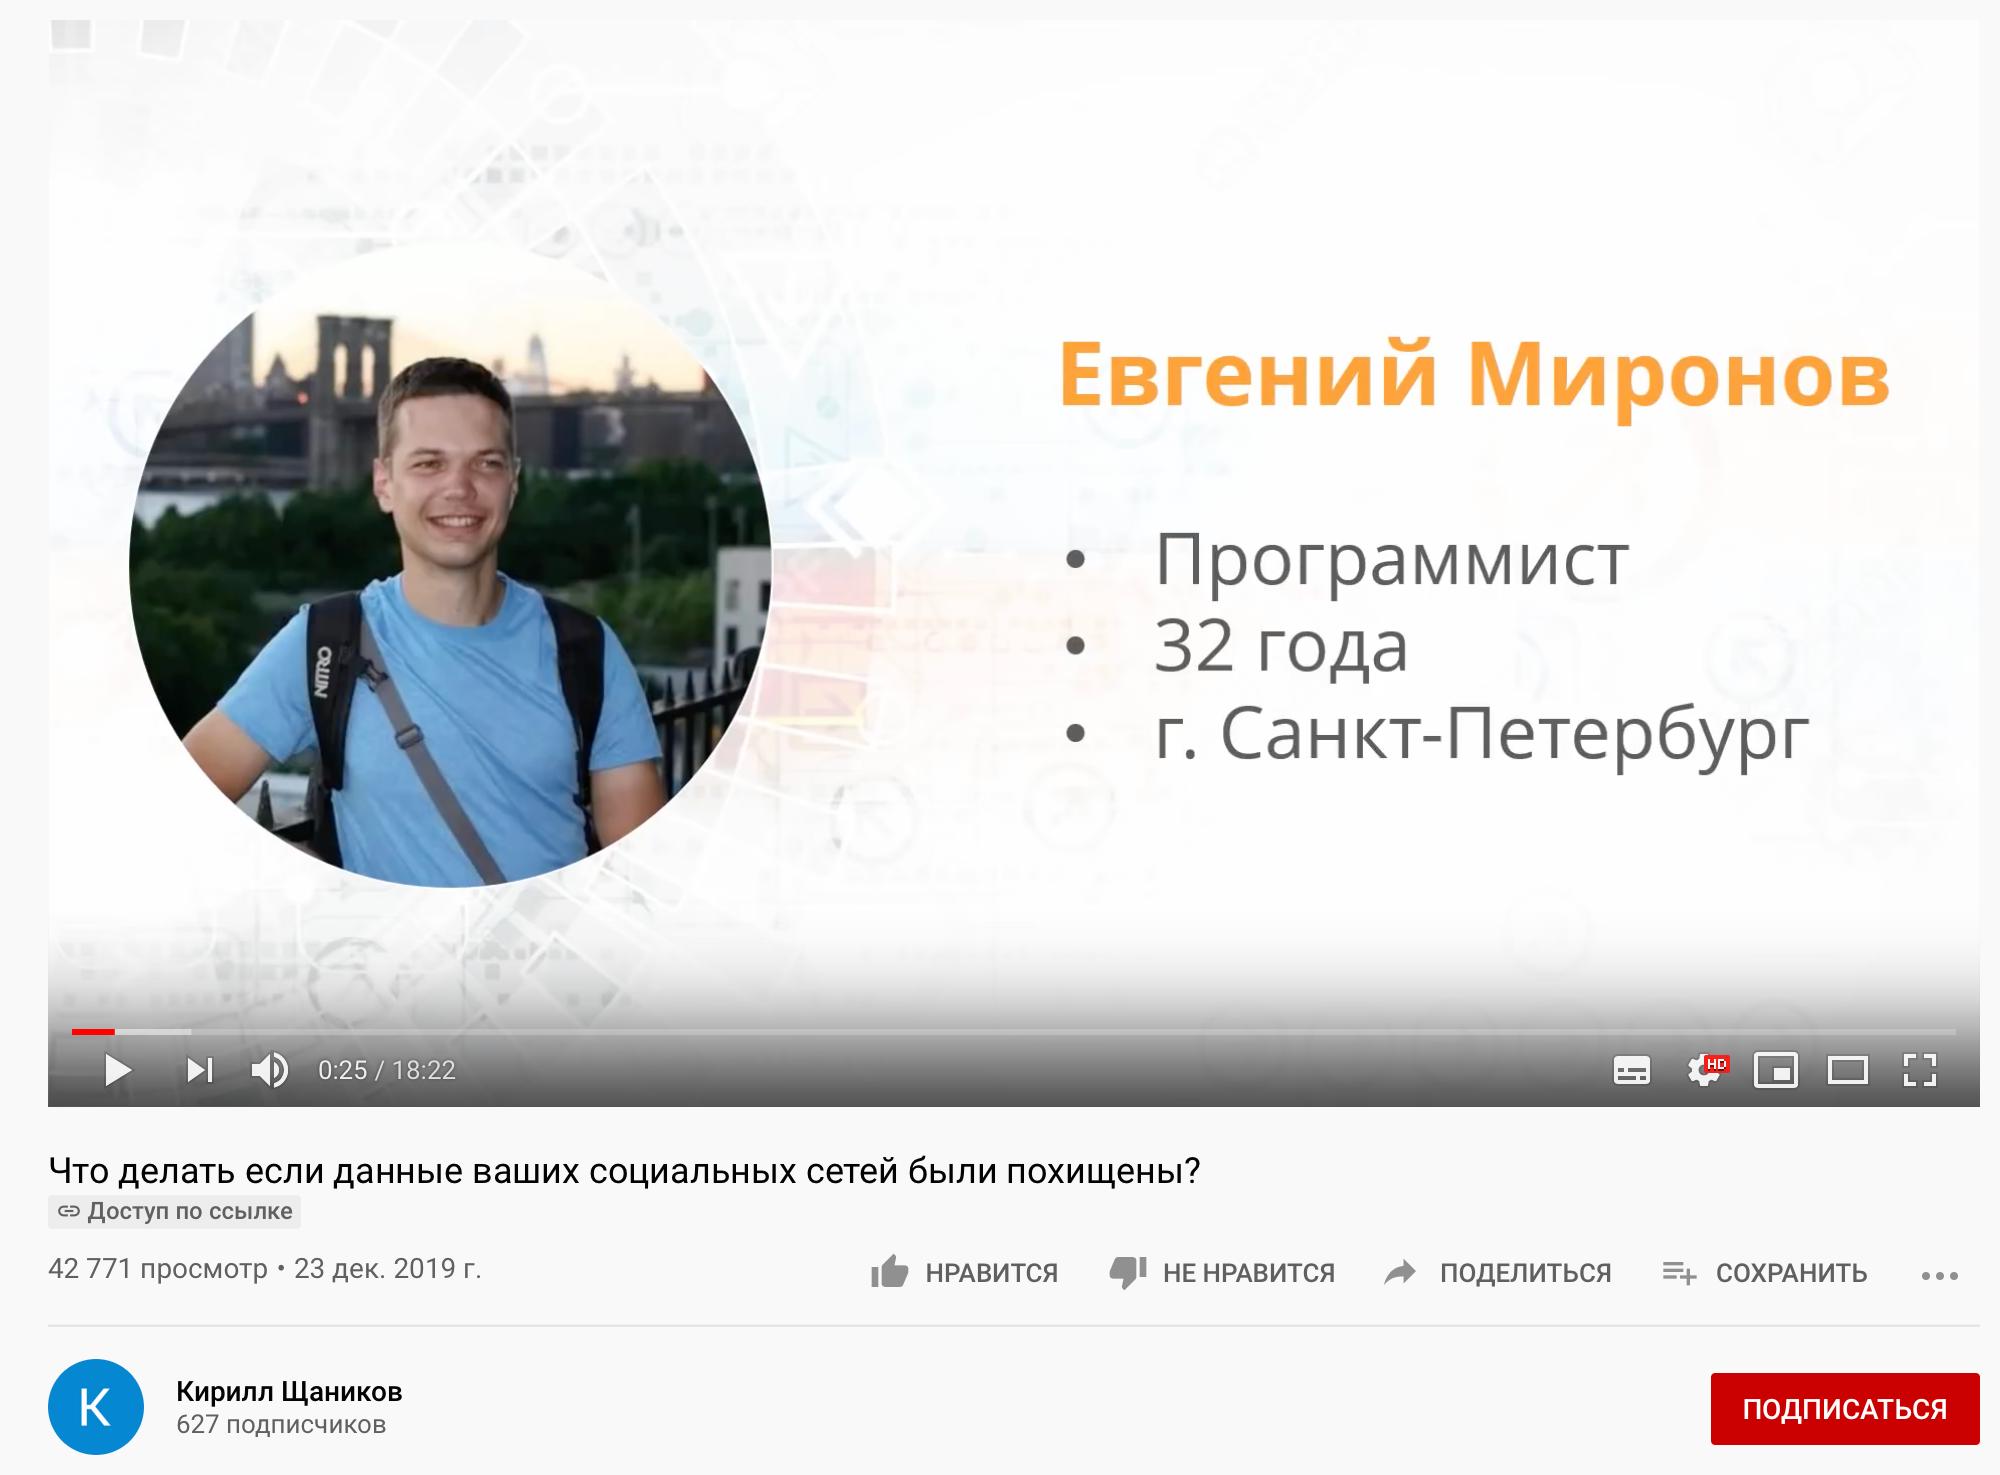 В видео автор представляется как Евгений Миронов, канал оформлен на Кирилла Щаникова, а блог — на Константина Семина